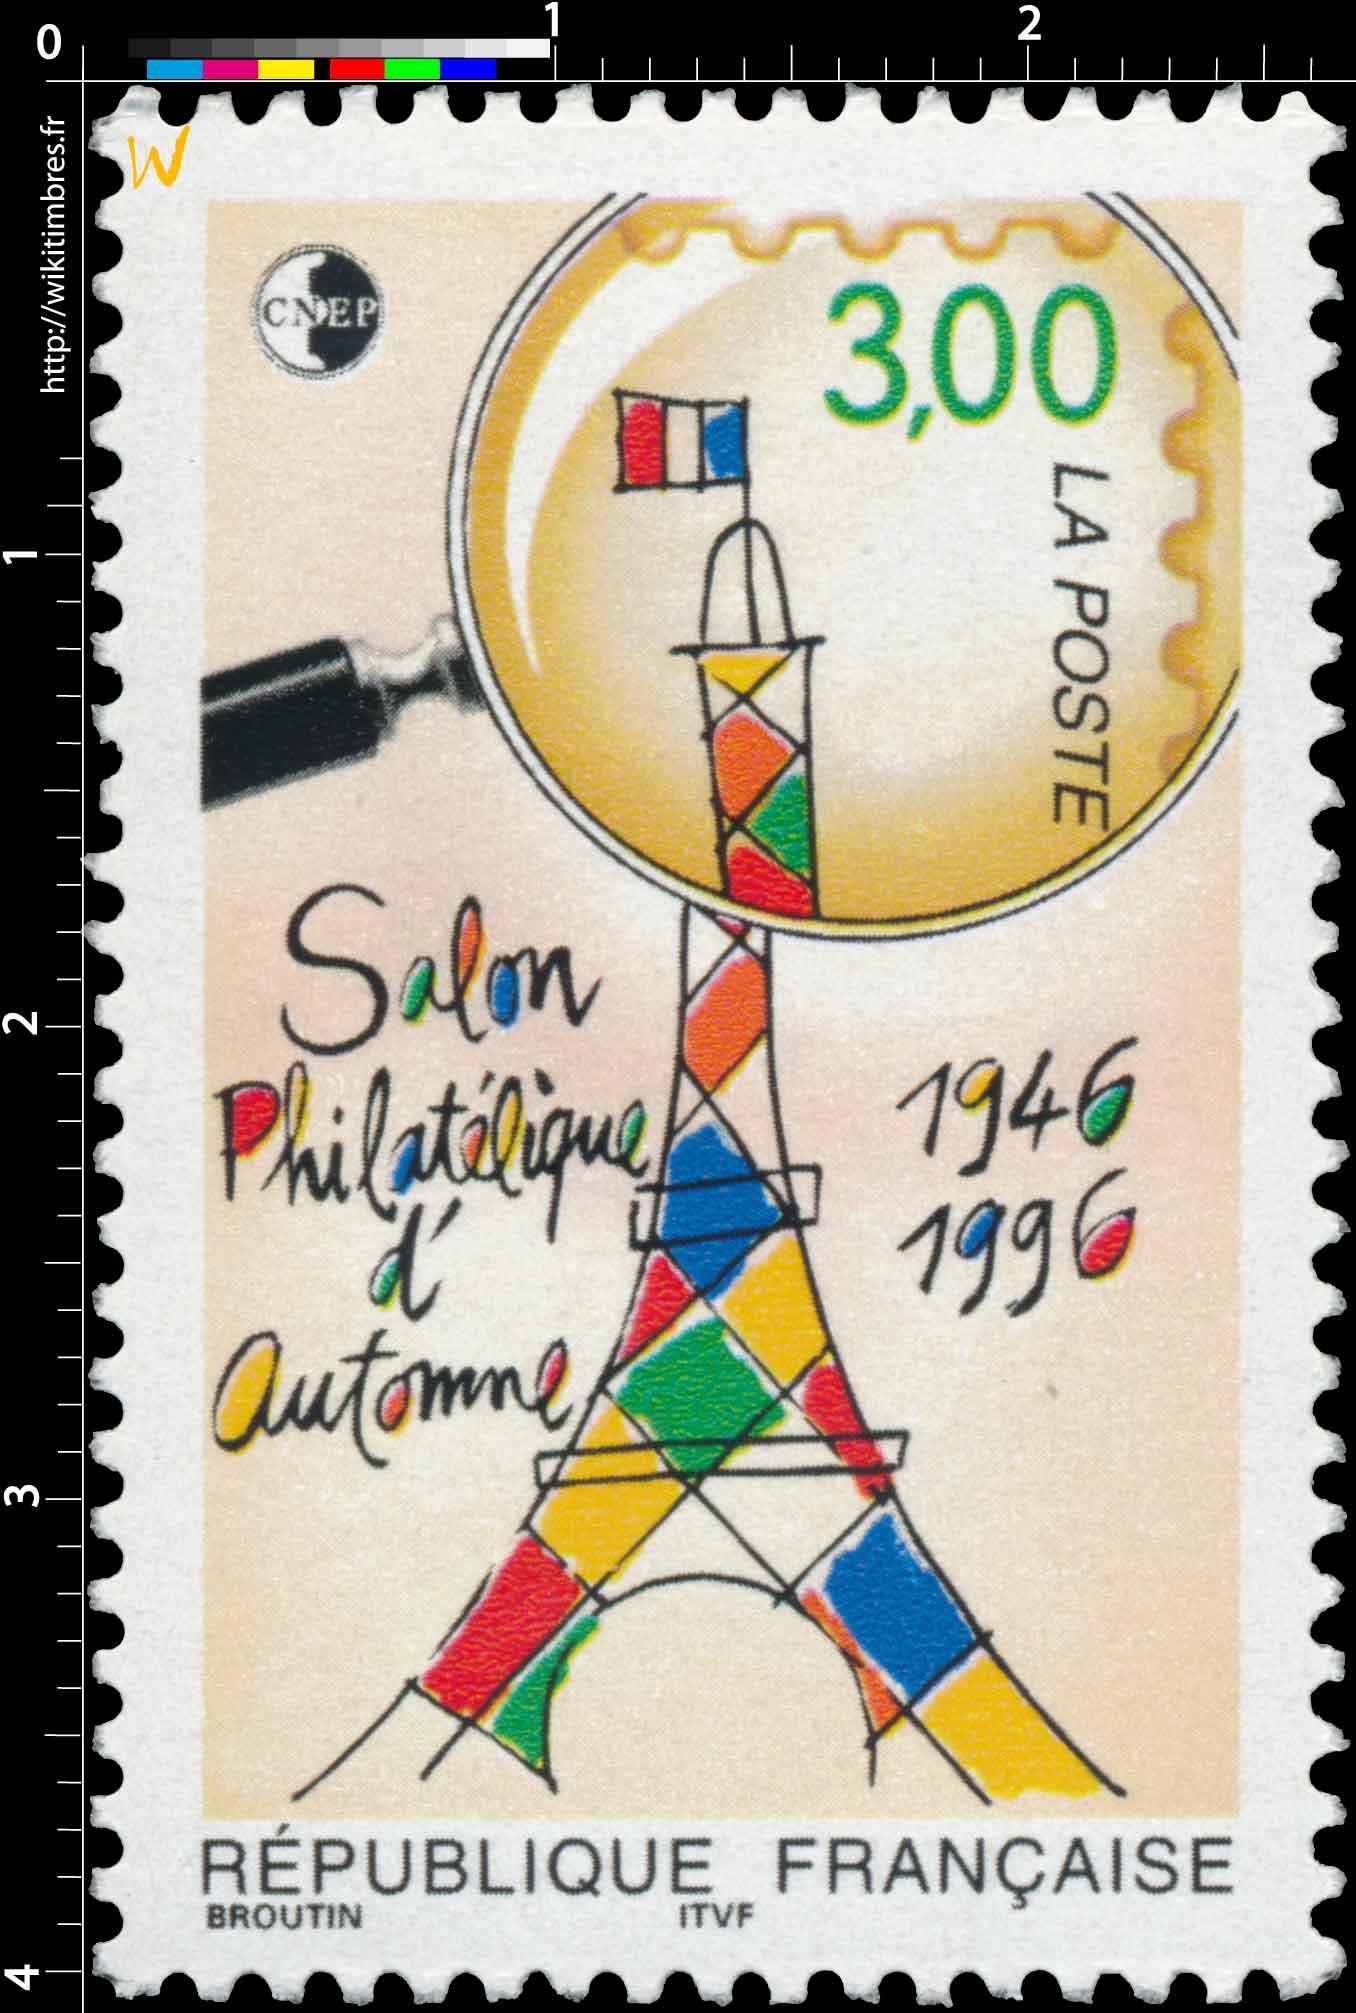 Salon Philatélique d'Automne 1946-1996 CNEP